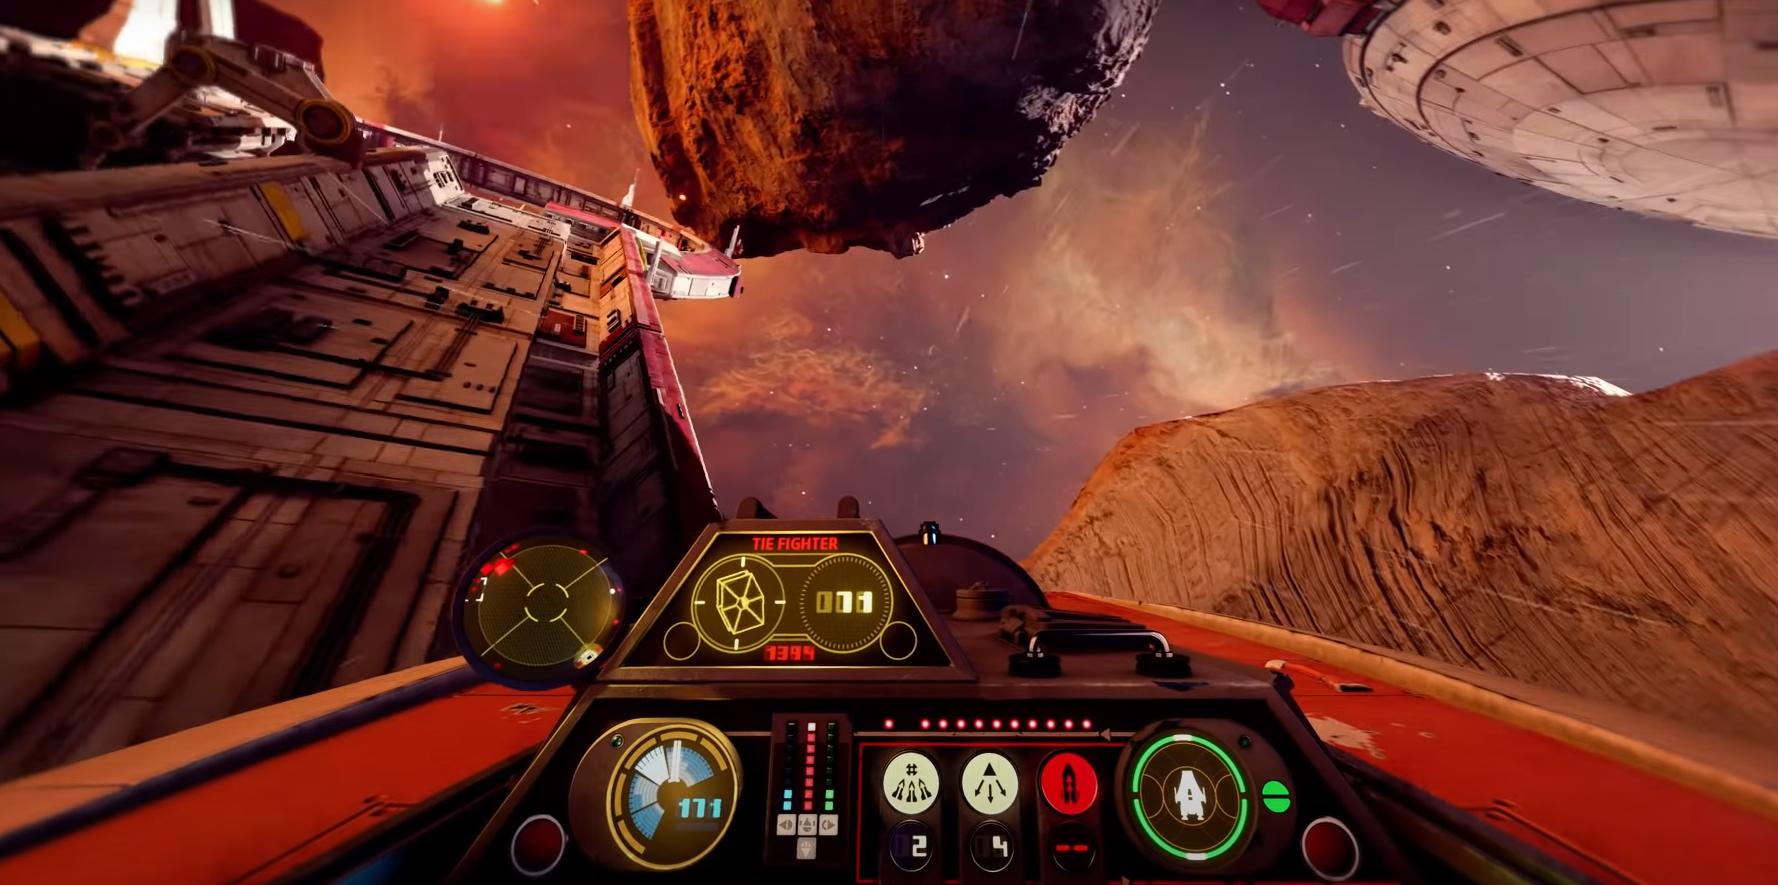 Les escadrons de Star Wars embarquent des chasseurs, des intercepteurs, du soutien et des bombardiers